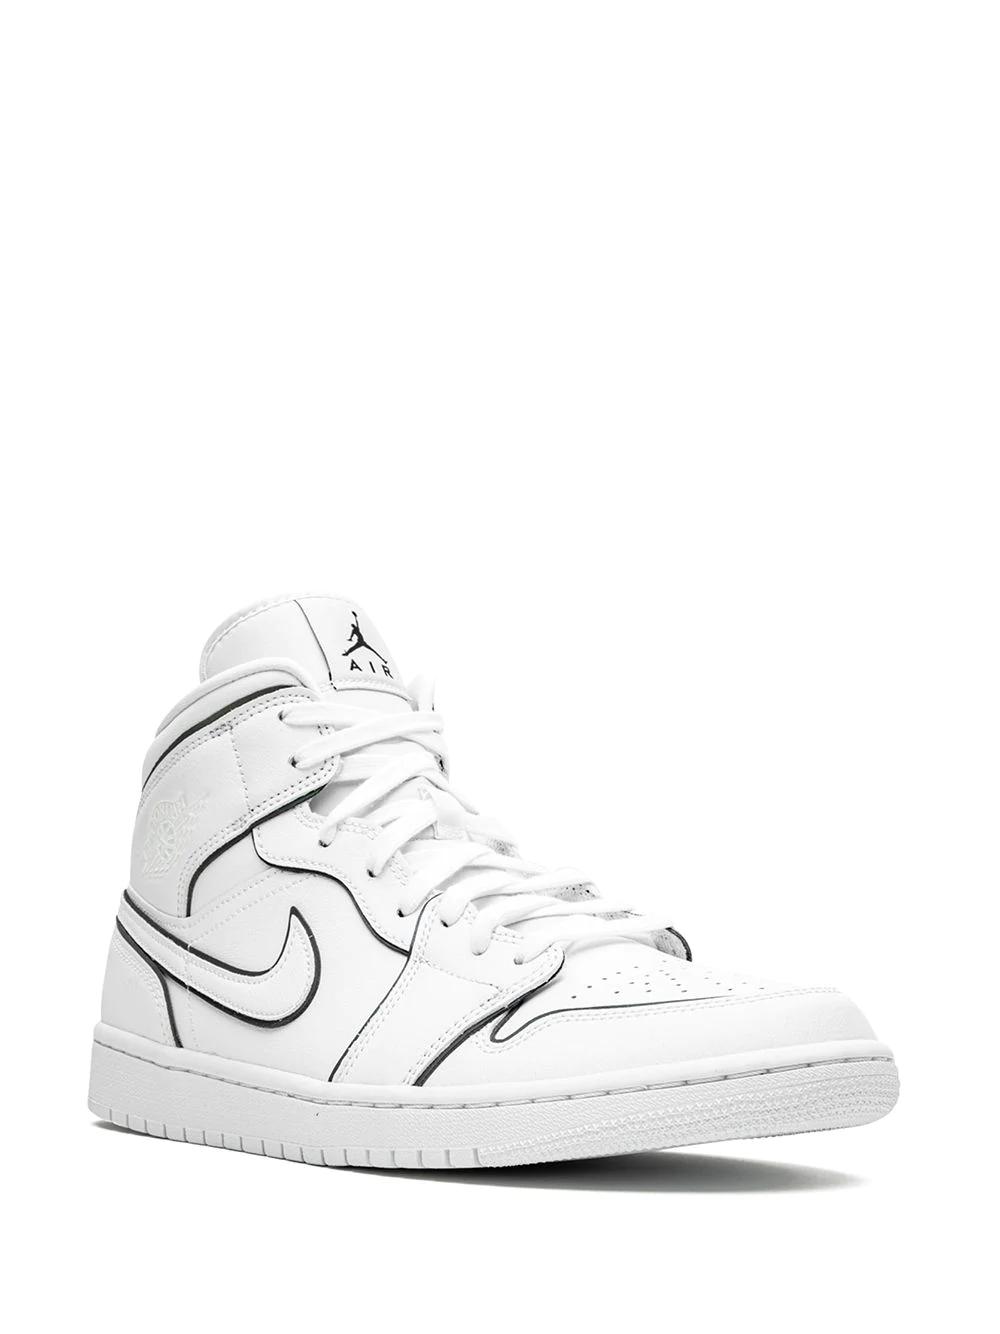 JORDAN Air Jordan 1 sneakers, 502лв.